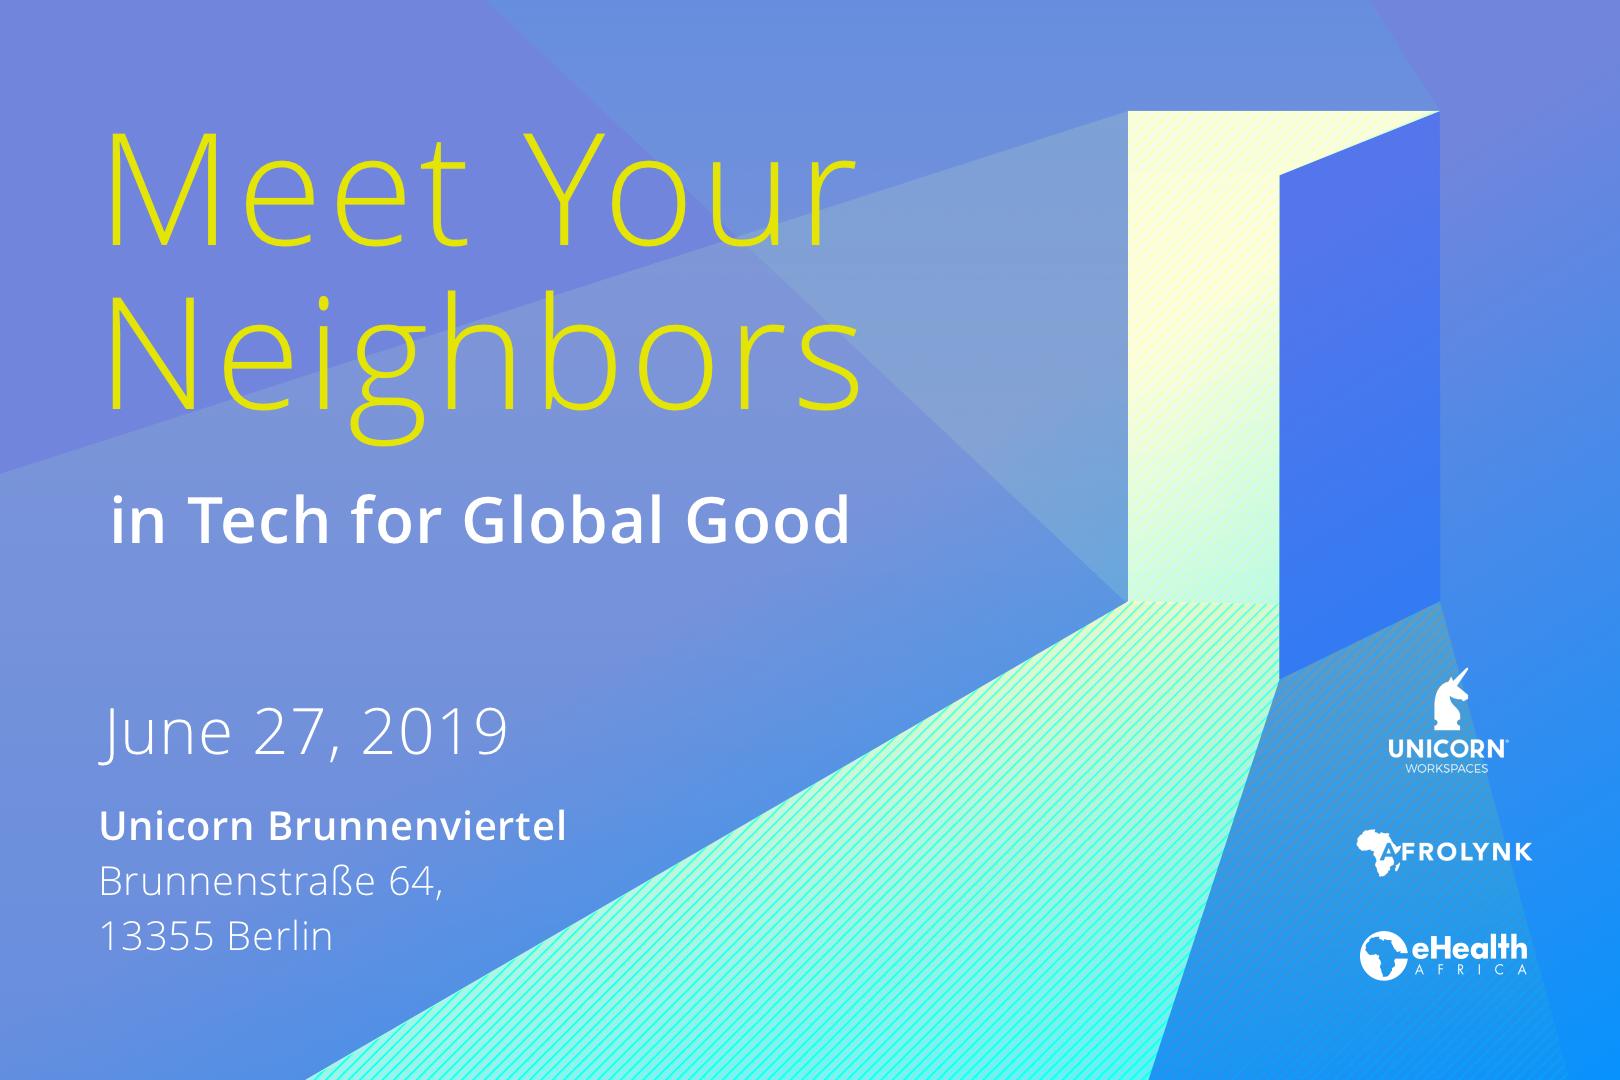 Meet Your Neighbors Berlin.jpg